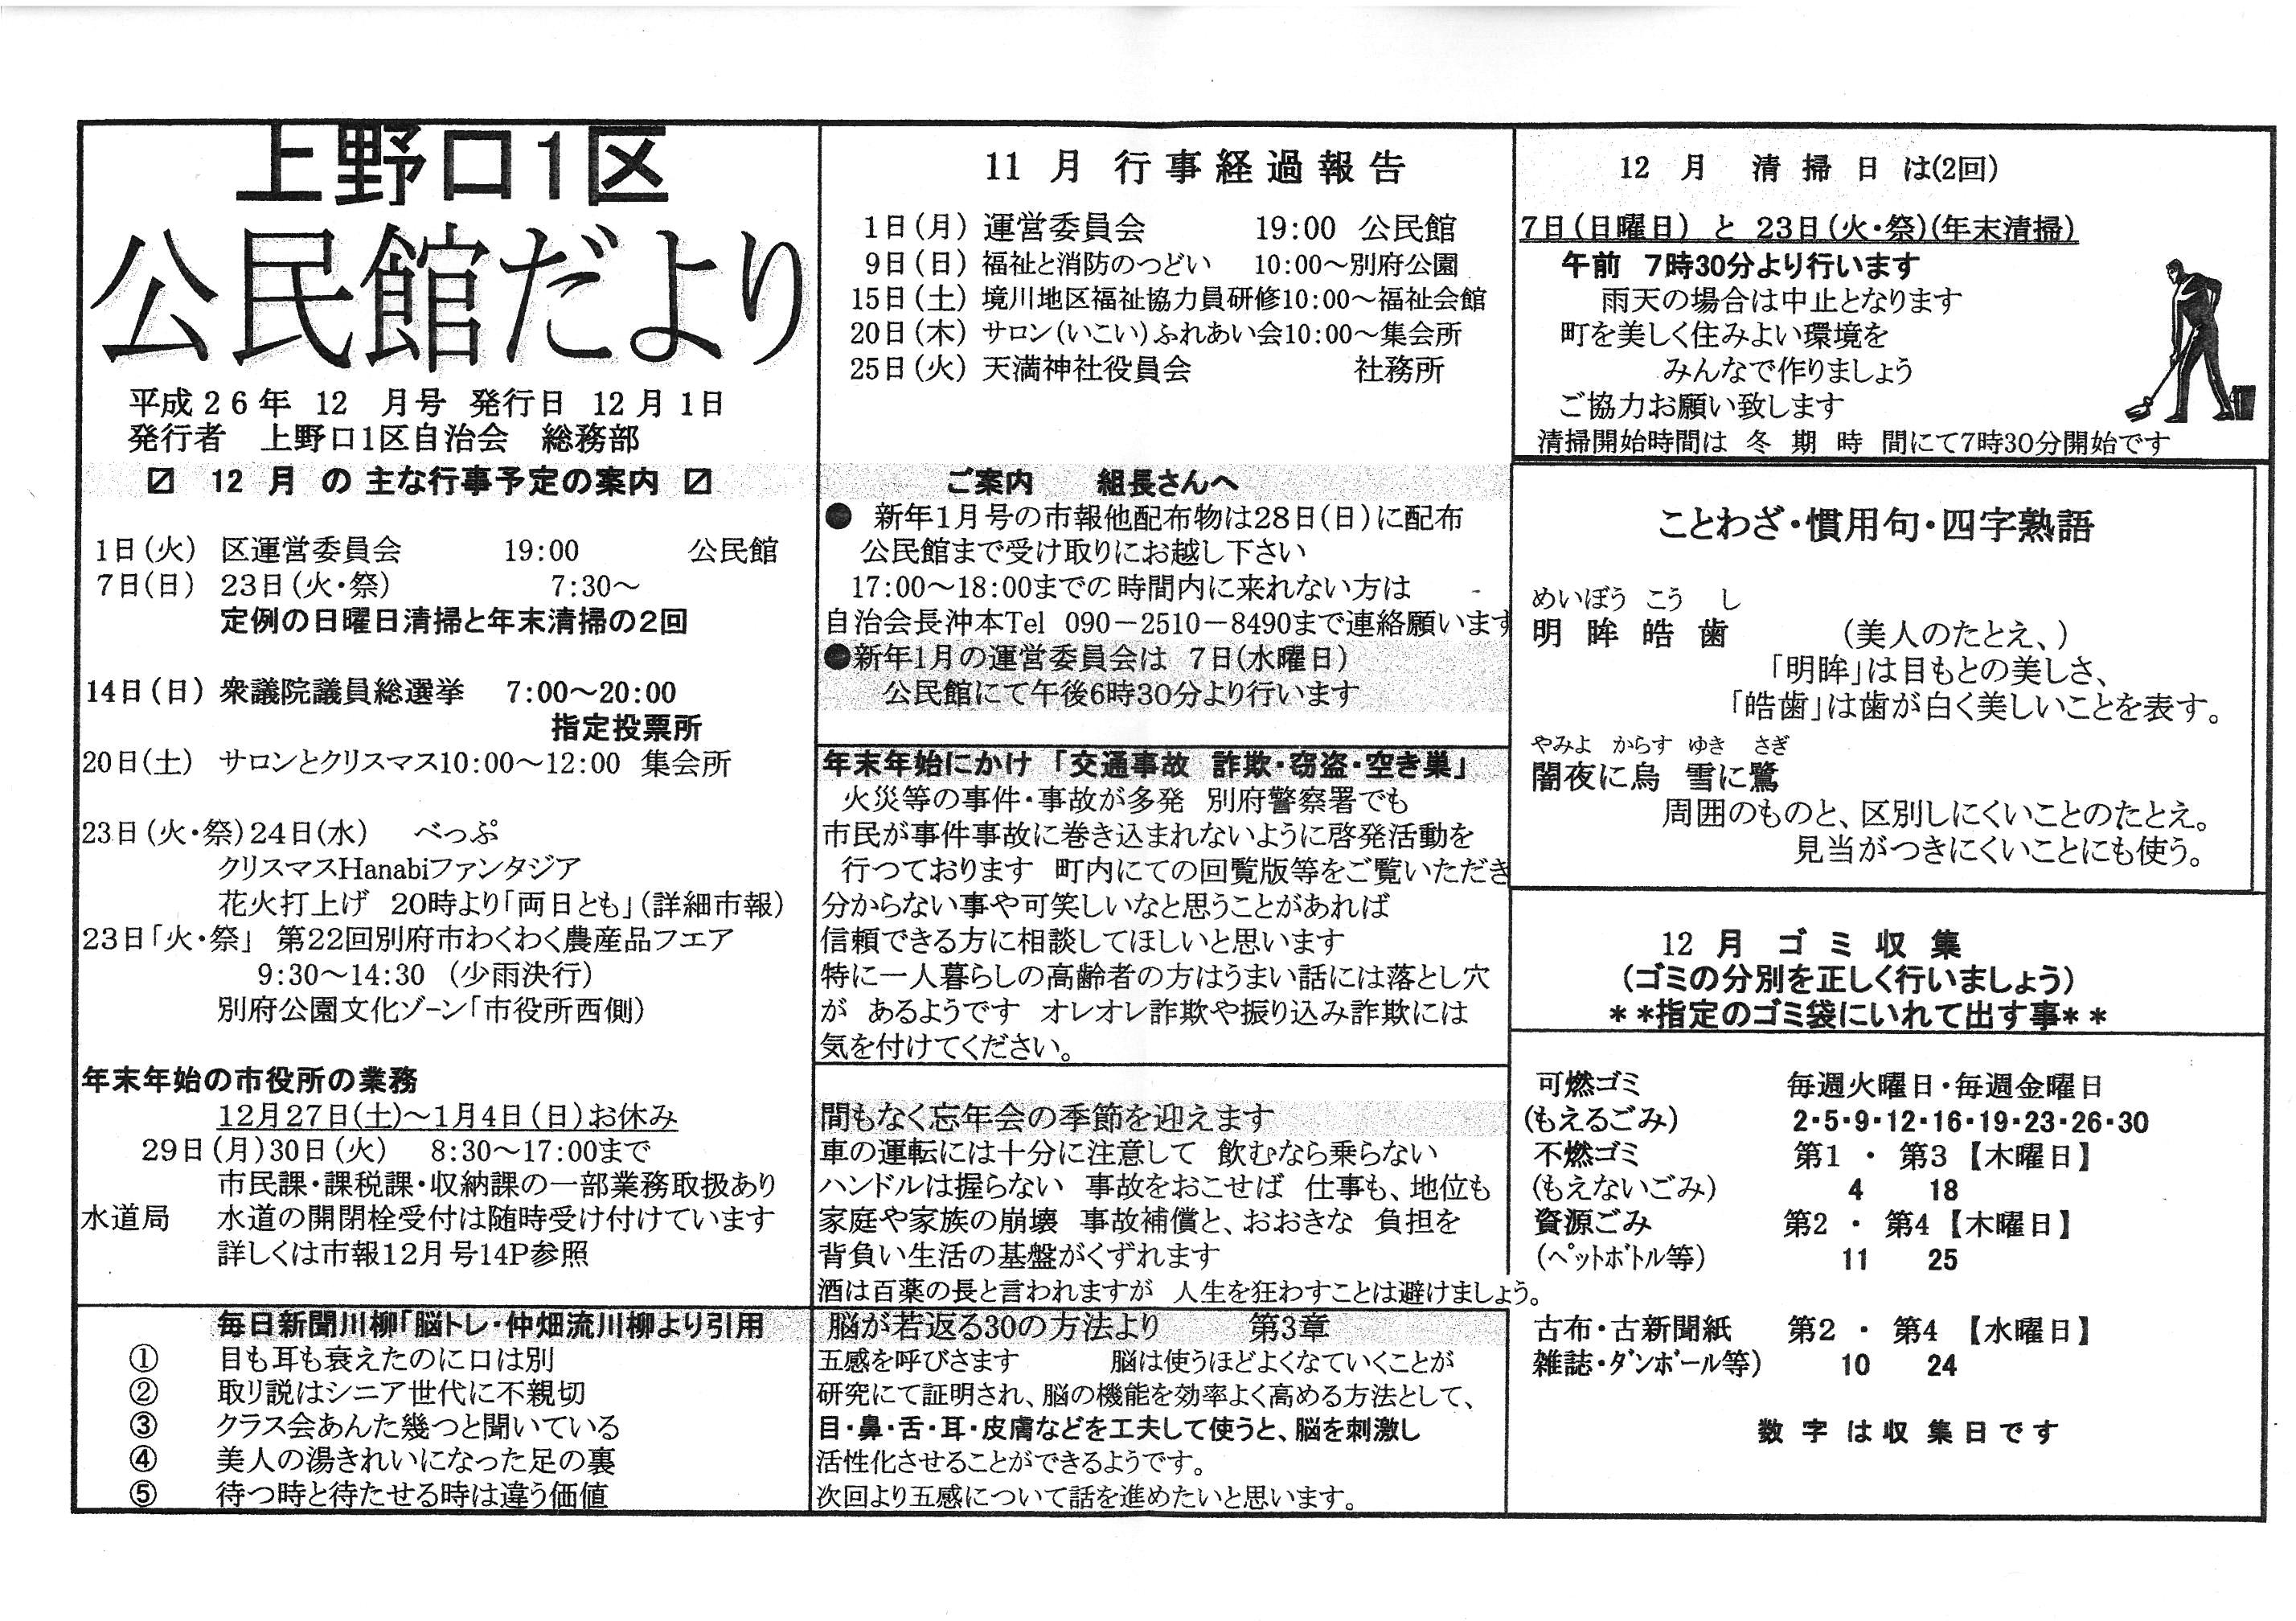 kaminoguchi1ku_2014_12